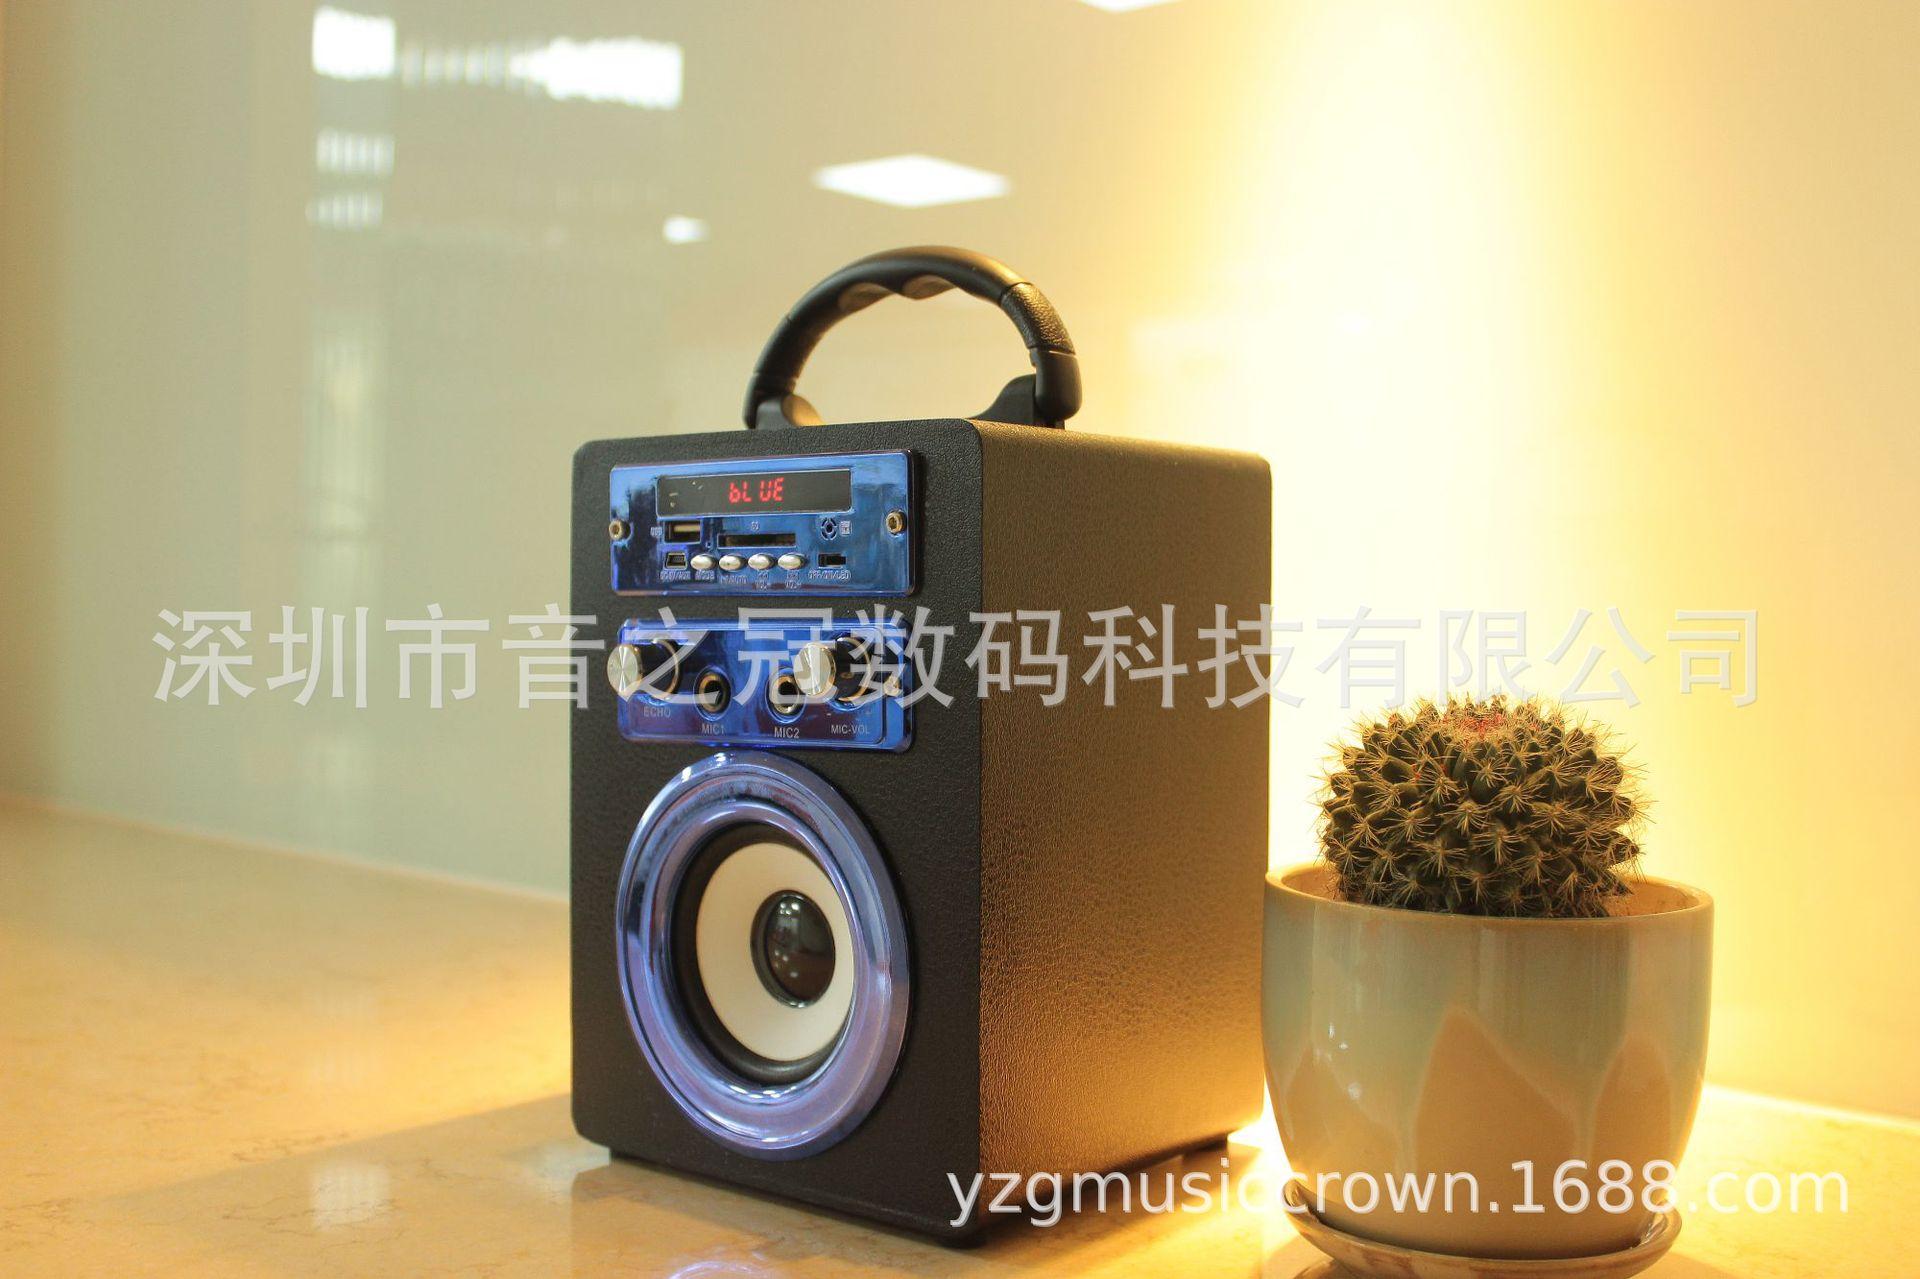 新款双卡拉ok木质蓝牙音箱便携式多功蓝牙音响广州海珠区附近v木质图片